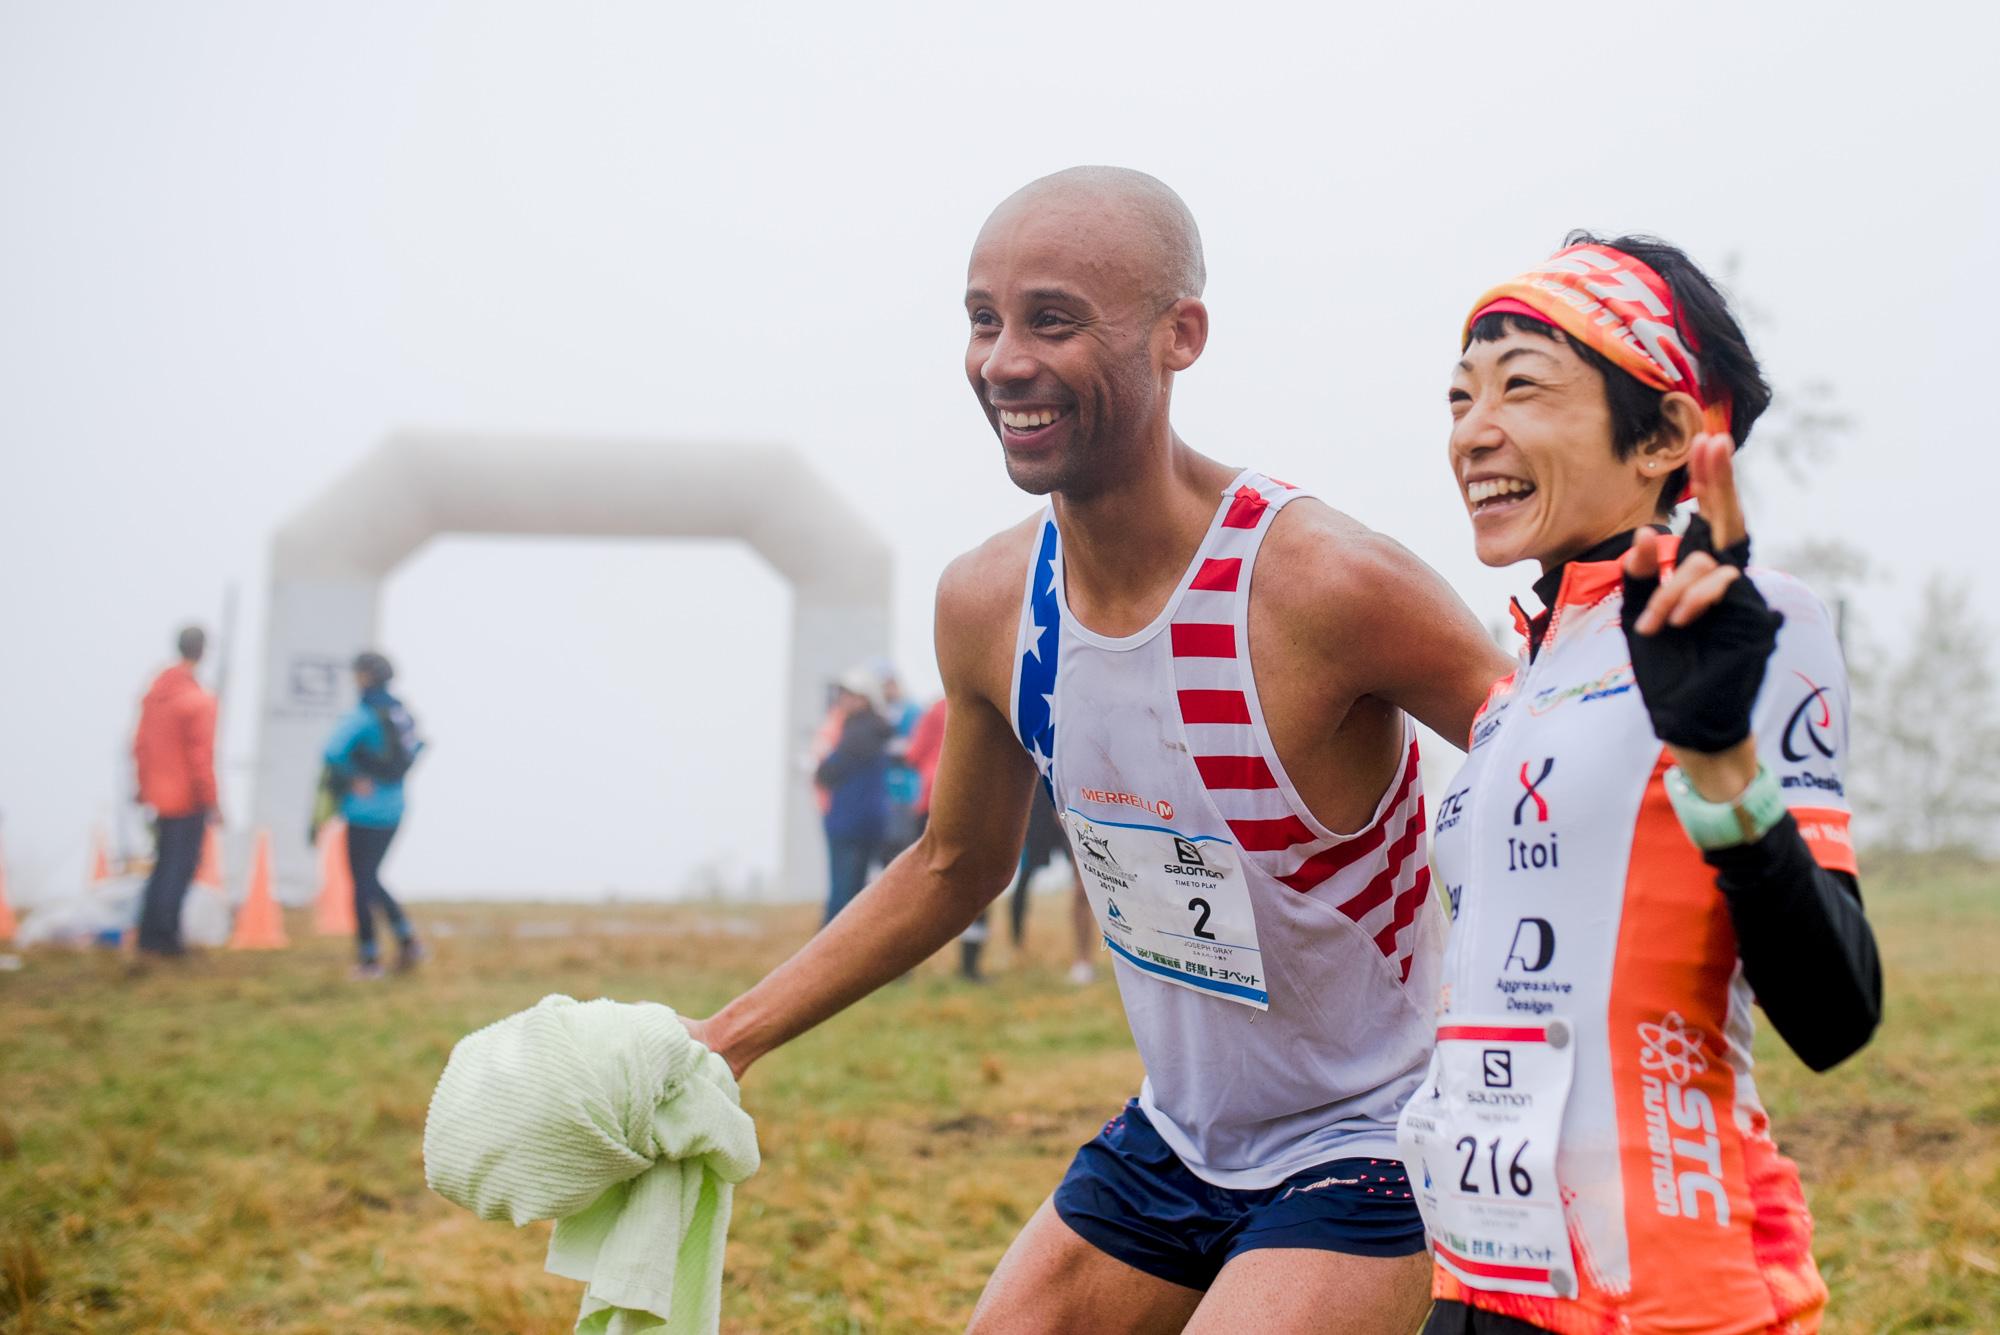 優勝したグレイと吉住、ゴール地点で笑顔のツーショット 🄫Oze Iwakura VK